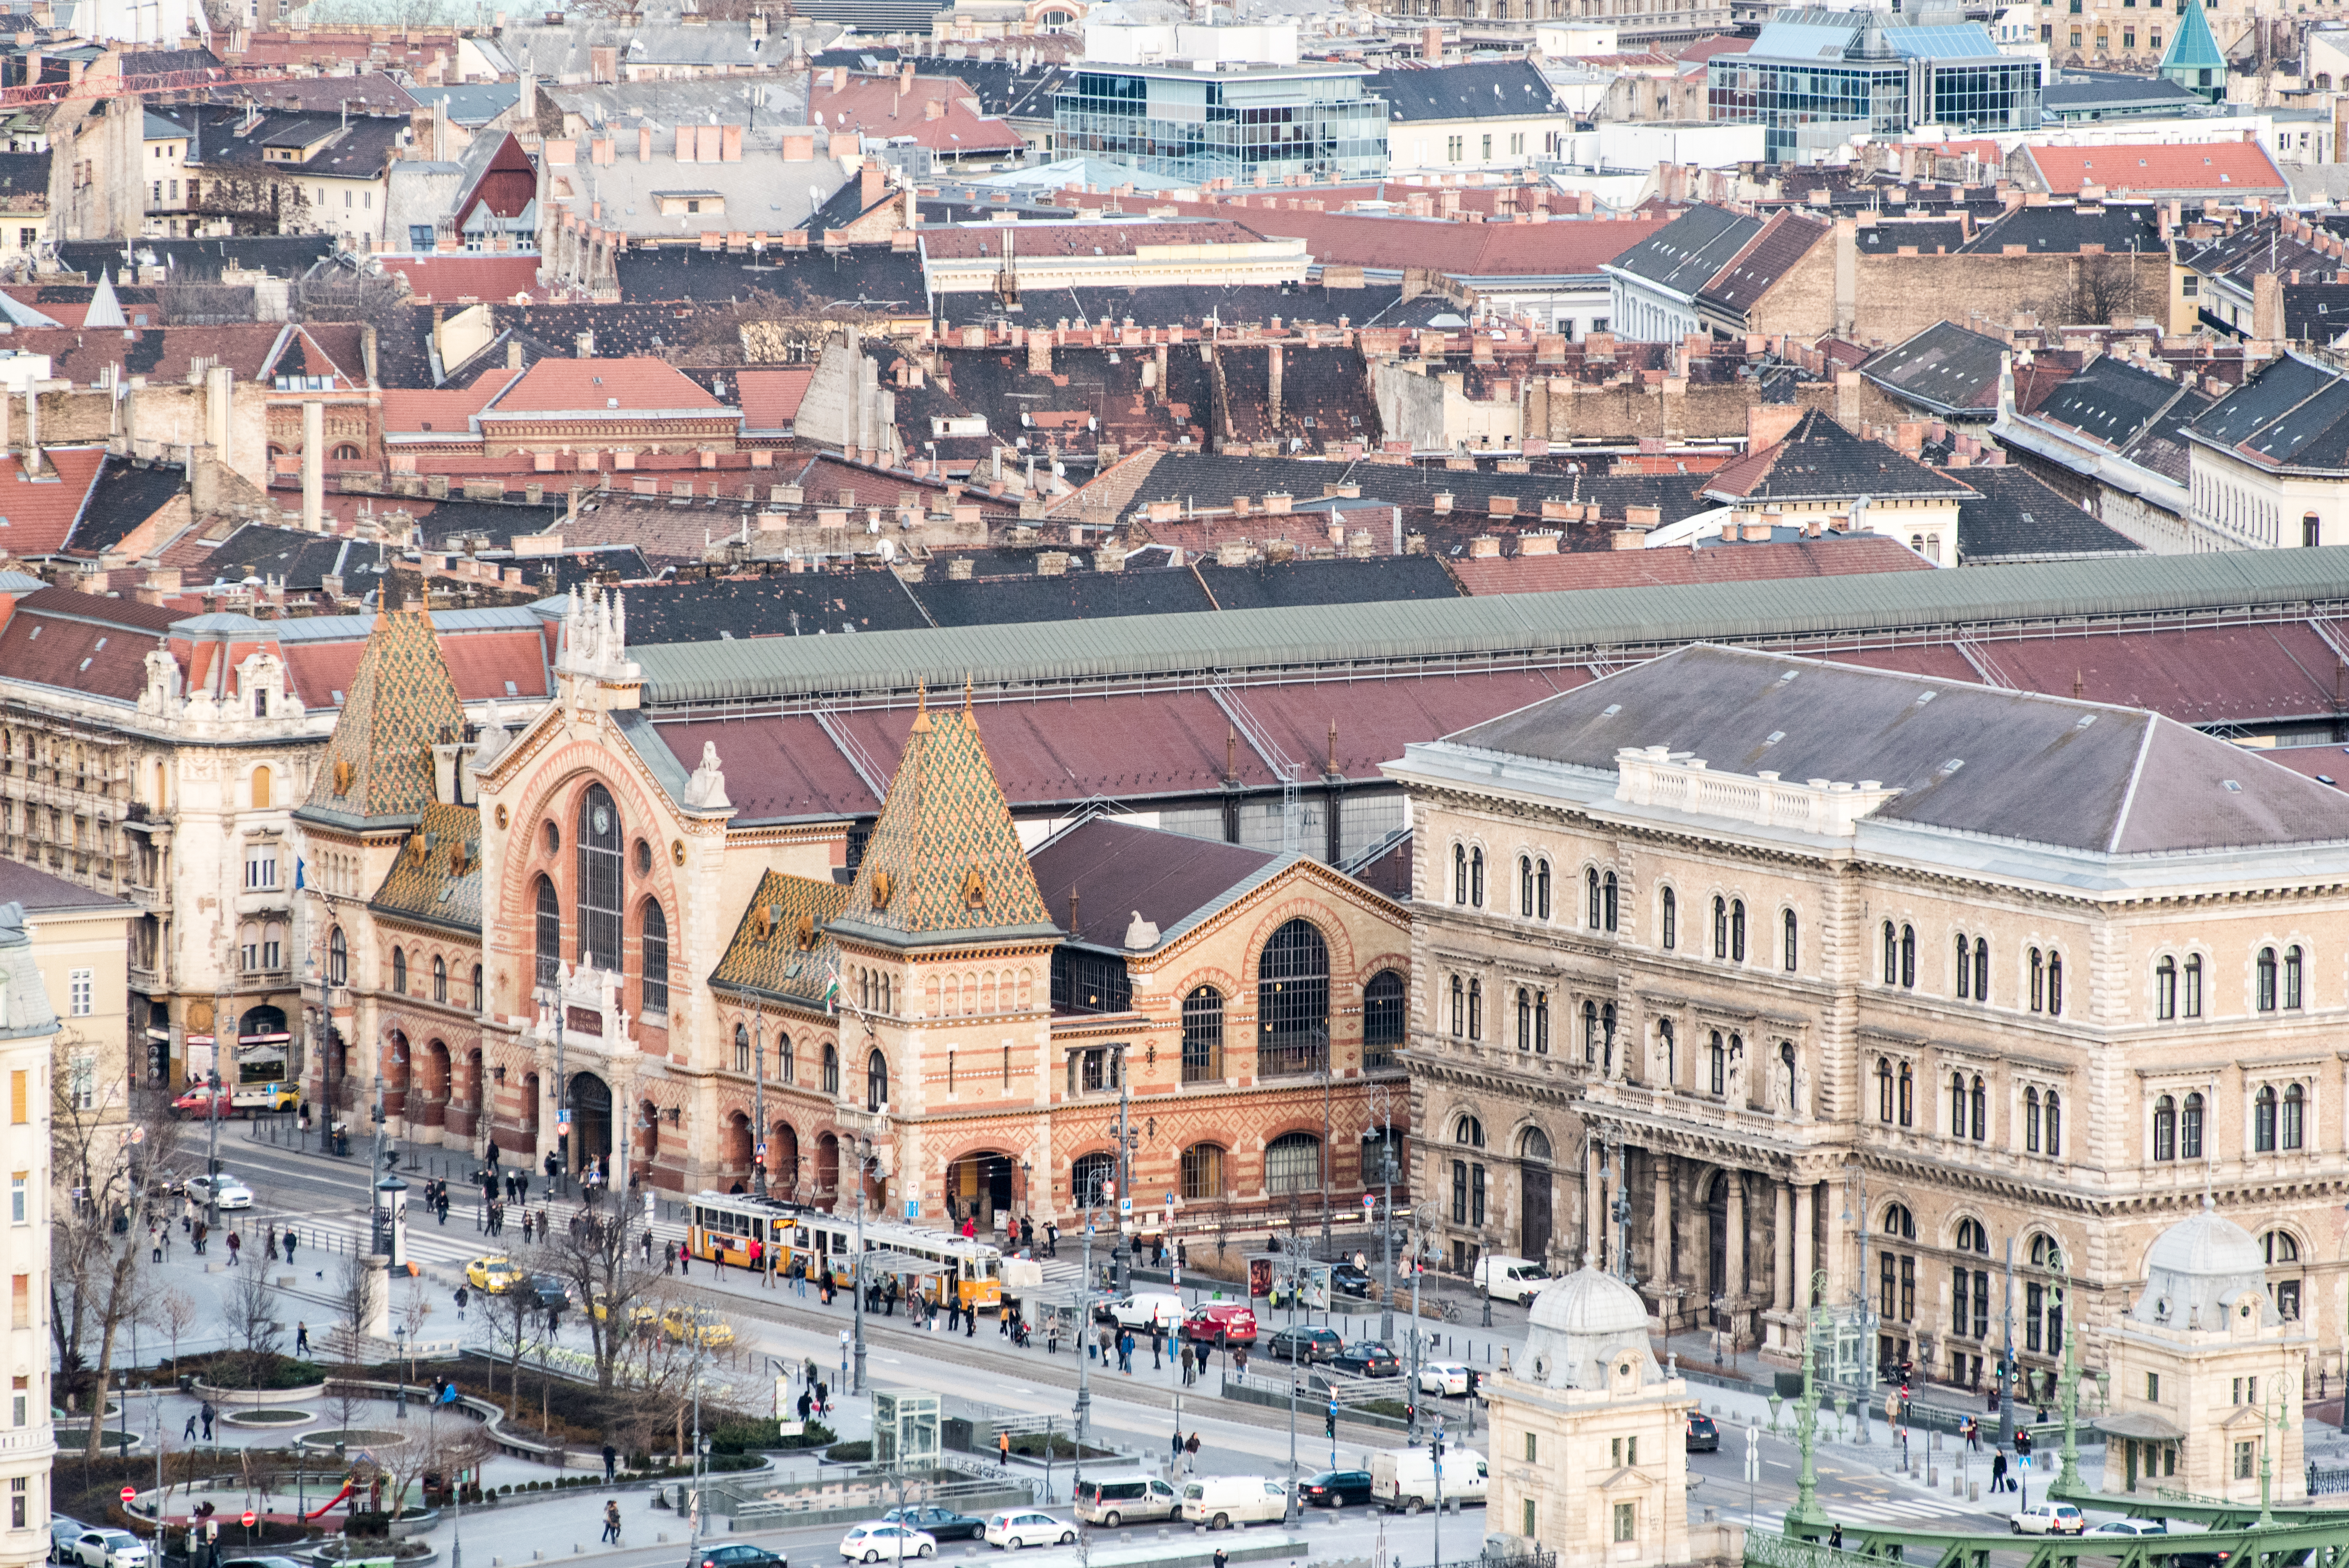 Huele, palpa, saborea… Estás en el Mercado Central de Budapest - Alemania Circuito Berlín y Europa Imperial